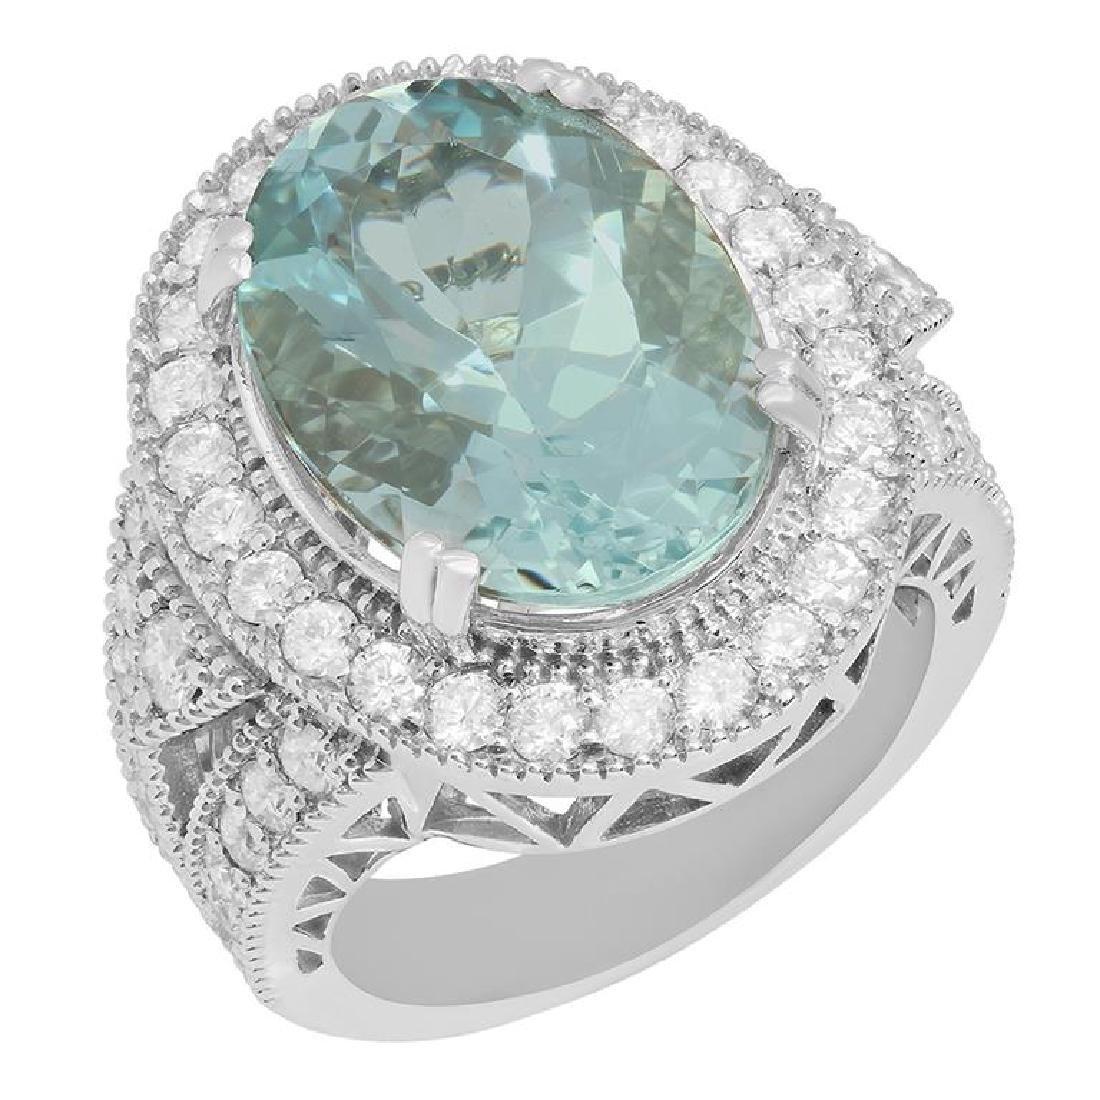 14k White Gold 9.46ct Aquamarine 1.91ct Diamond Ring